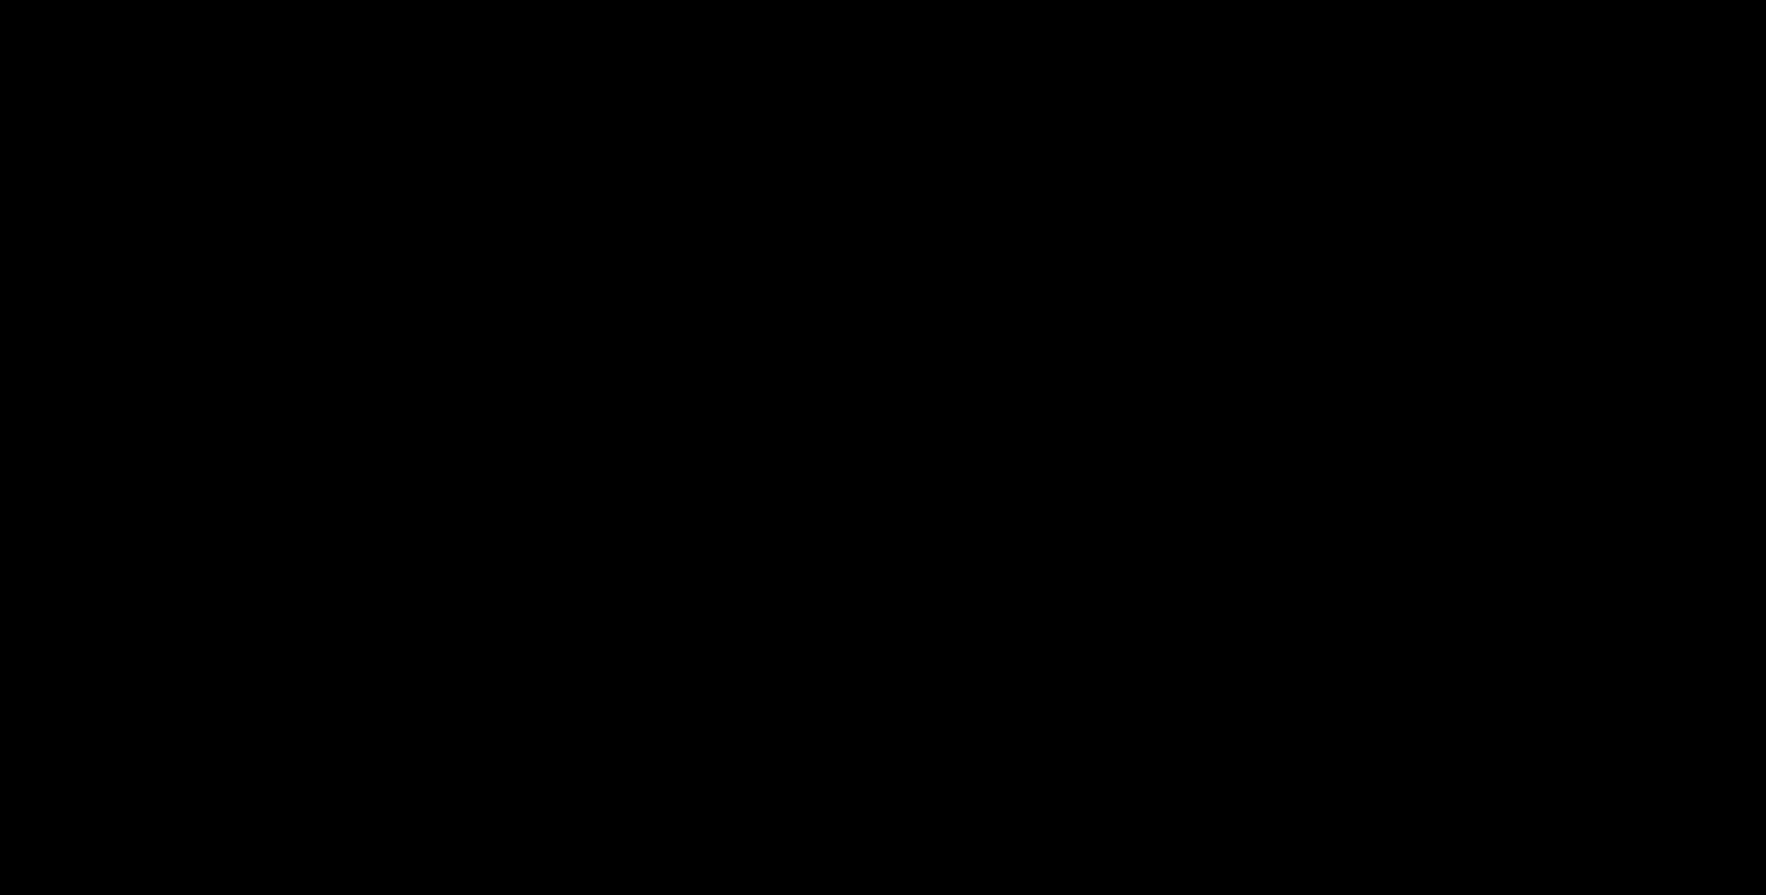 Anii omagiali şi comemorativi – iniţiativă cu impact misionar major pentru Biserică şi societate / Jubilee and commemorative years – initiative with a significant missionary impact for Church and society